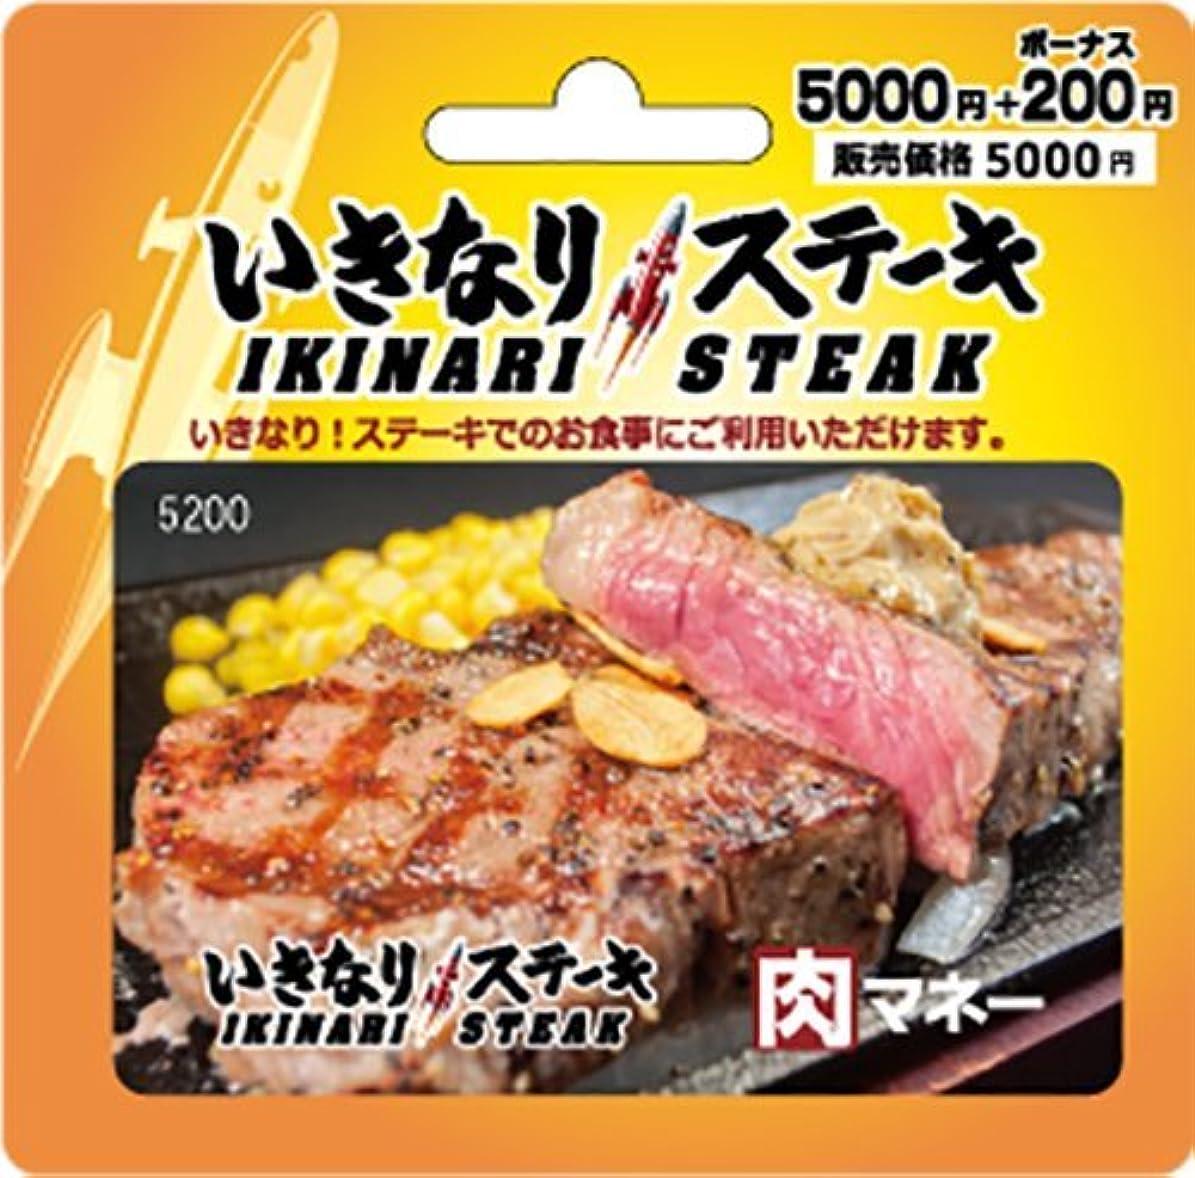 返済アーティスト時間厳守いきなり! ステーキ 肉マネーギフトカード  5000円